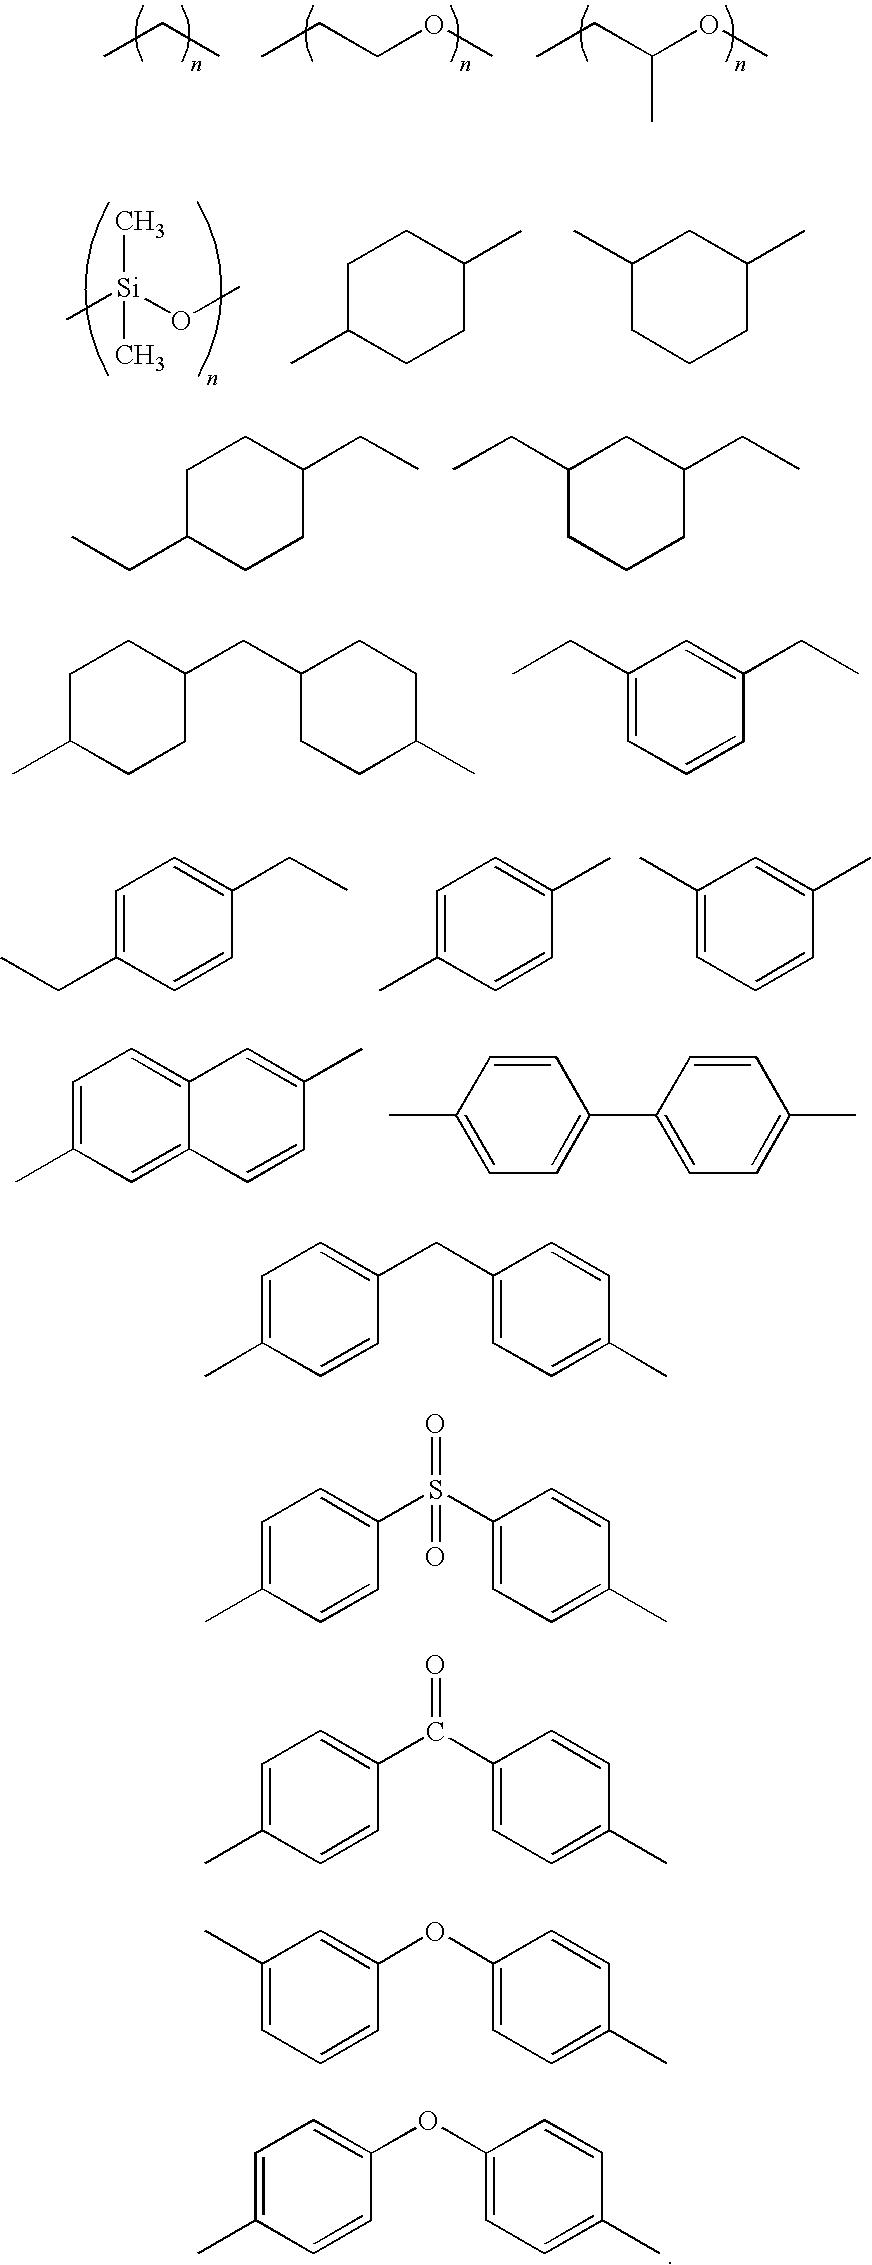 Figure US07858199-20101228-C00004